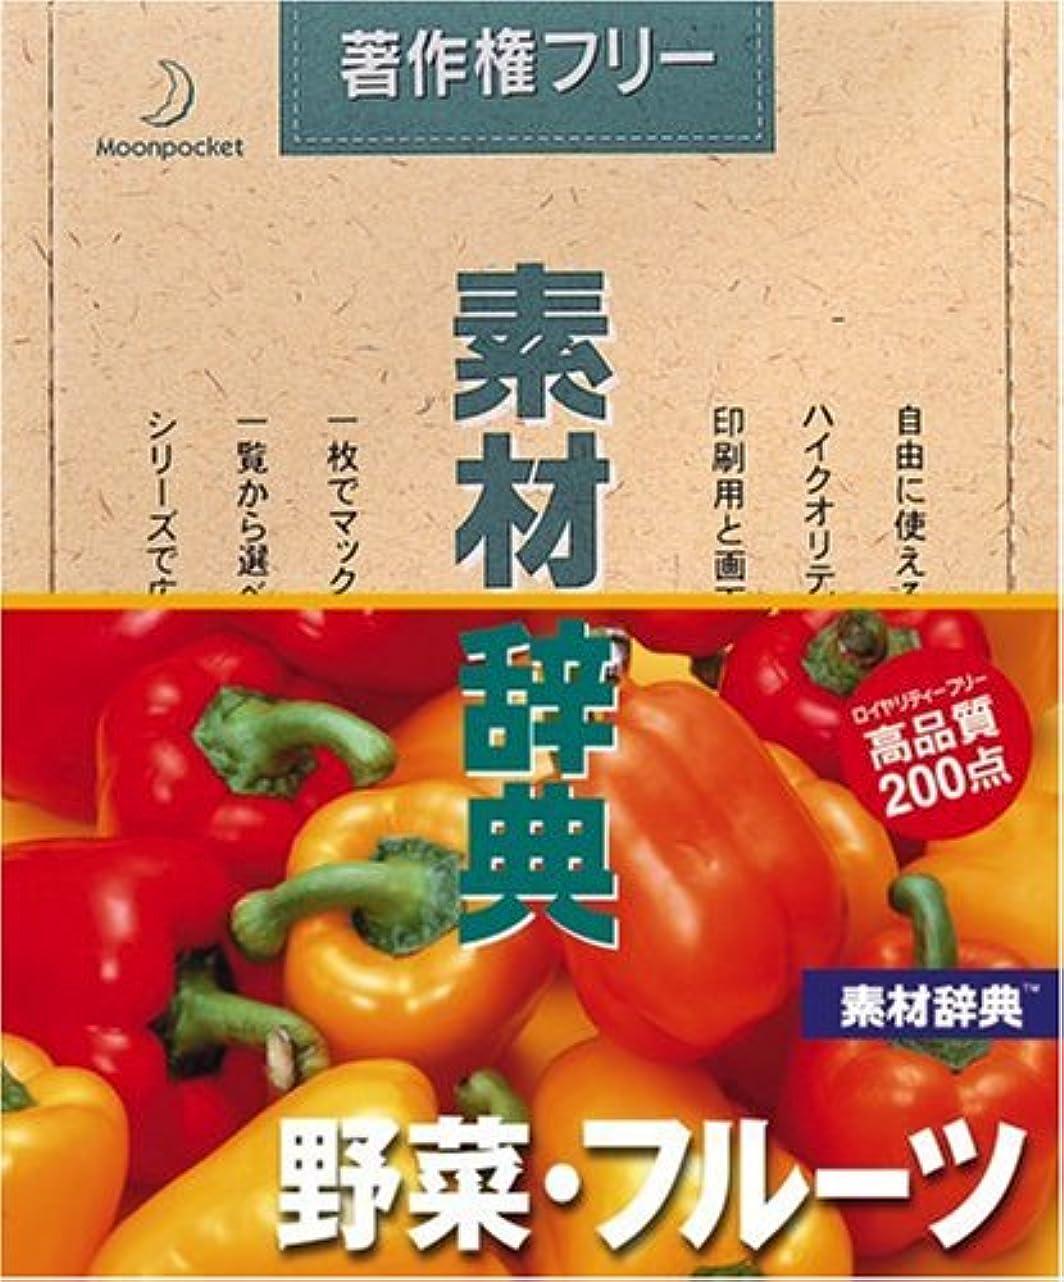 凍るまさに窓素材辞典 Vol.14 野菜?フルーツ編